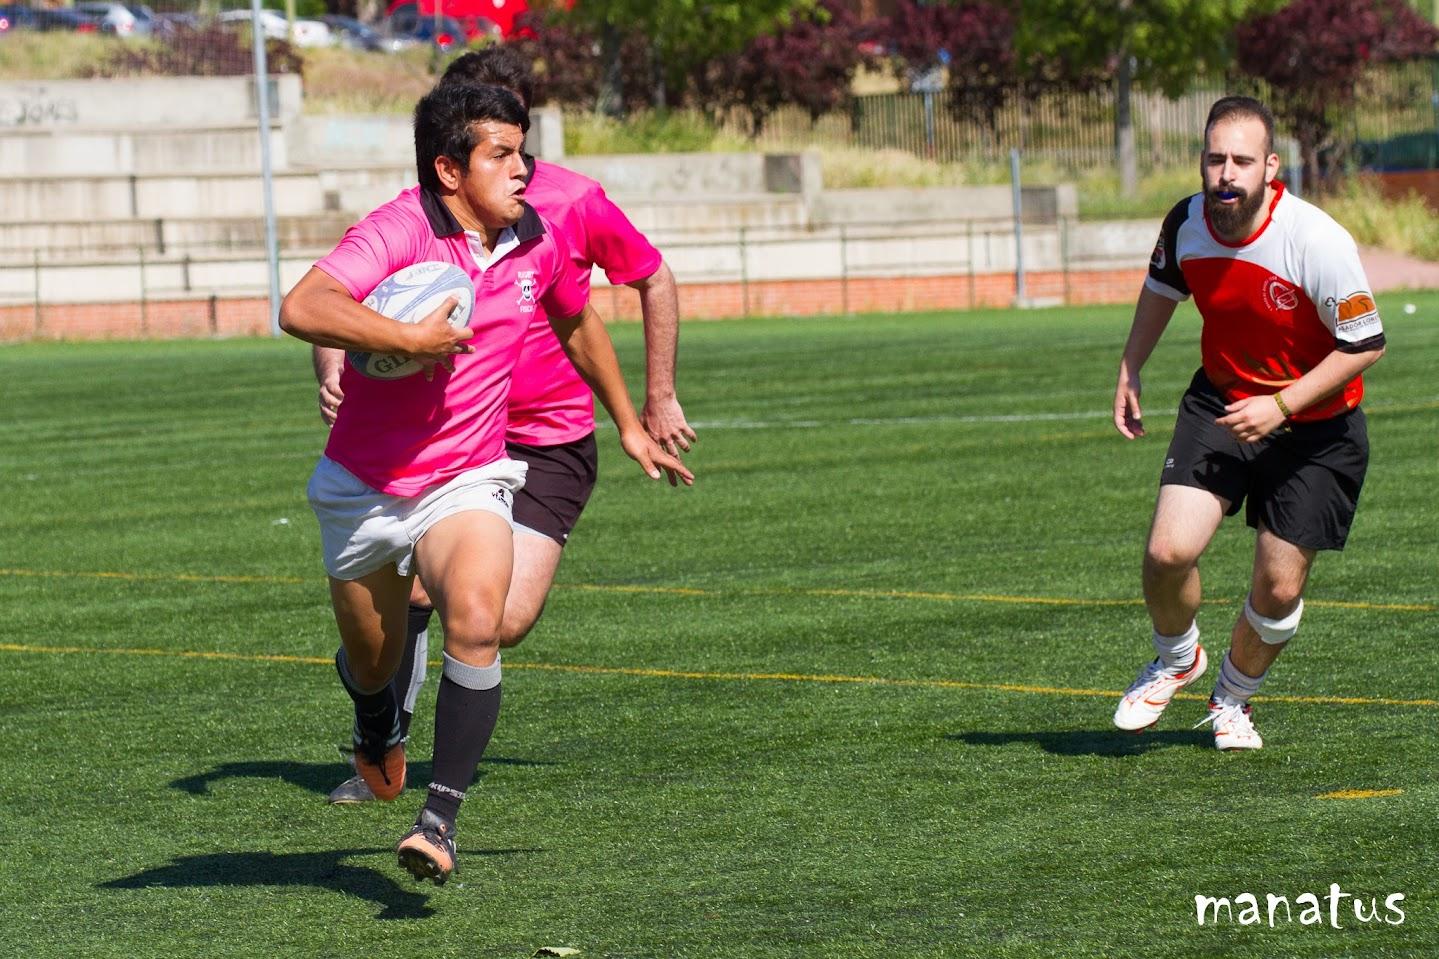 manatus rugby vallekas